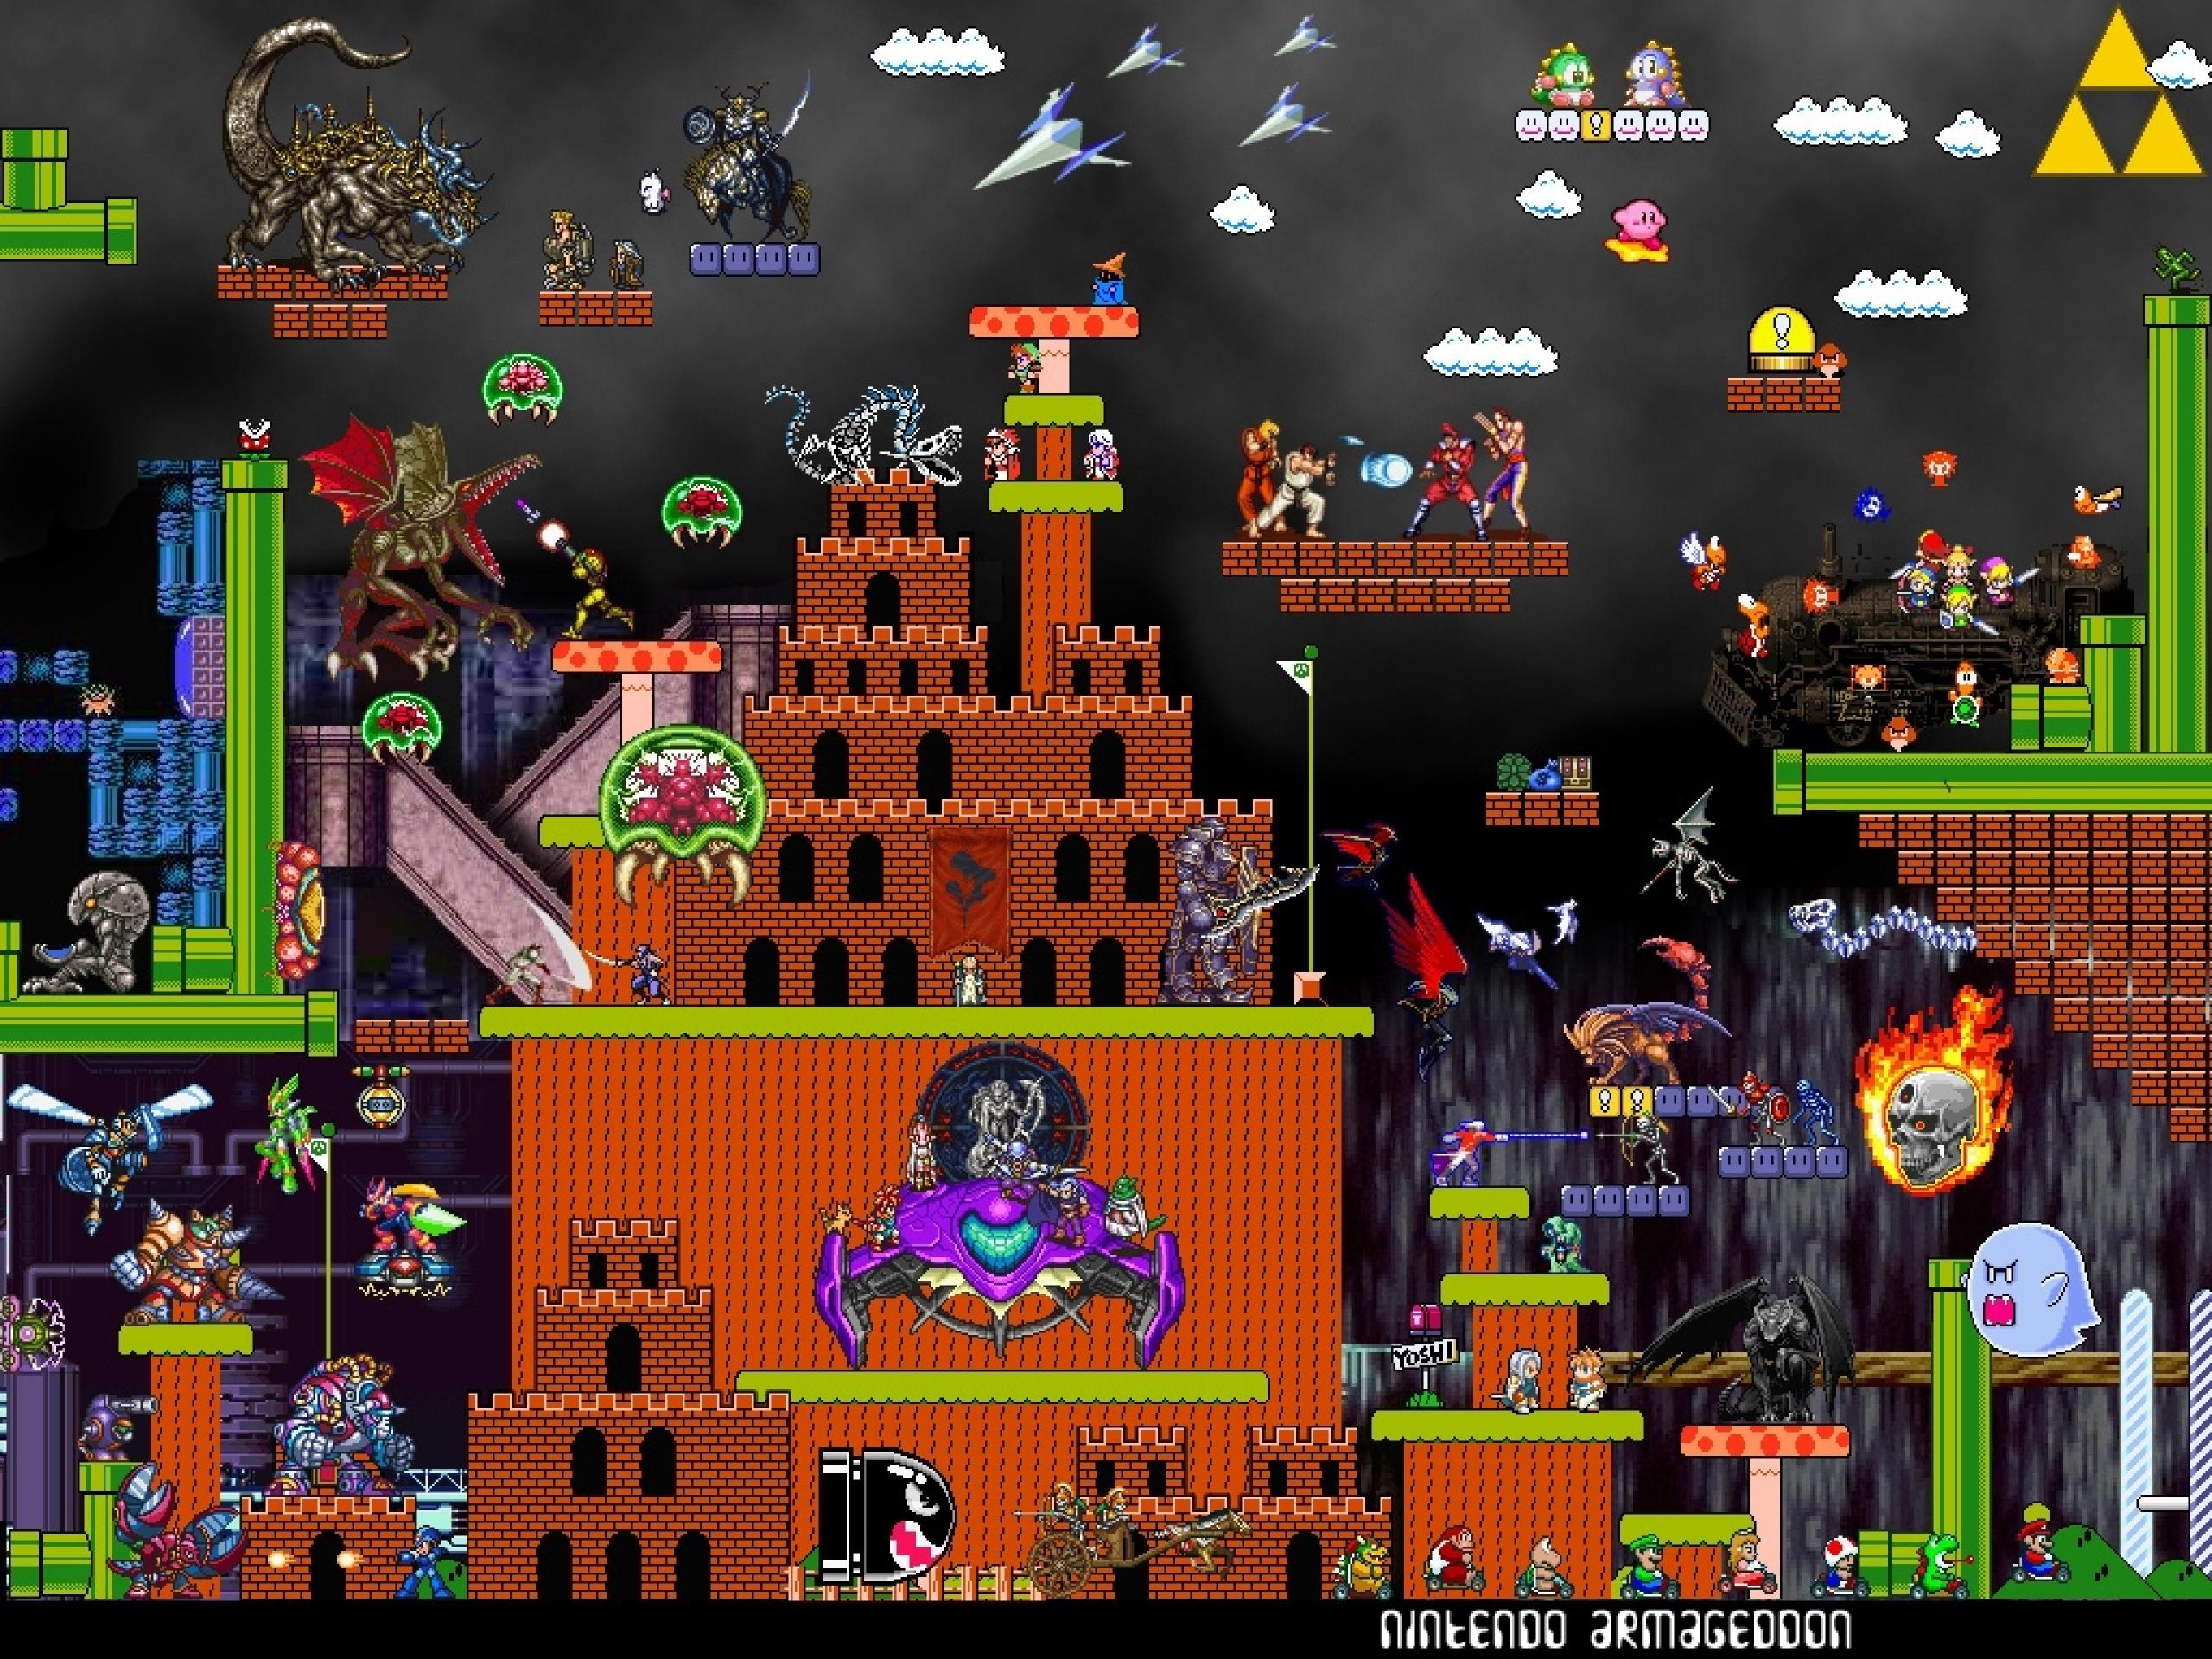 video game nintendo you want epic take 1024x768 wallpaper Wallpaper 2560x1920